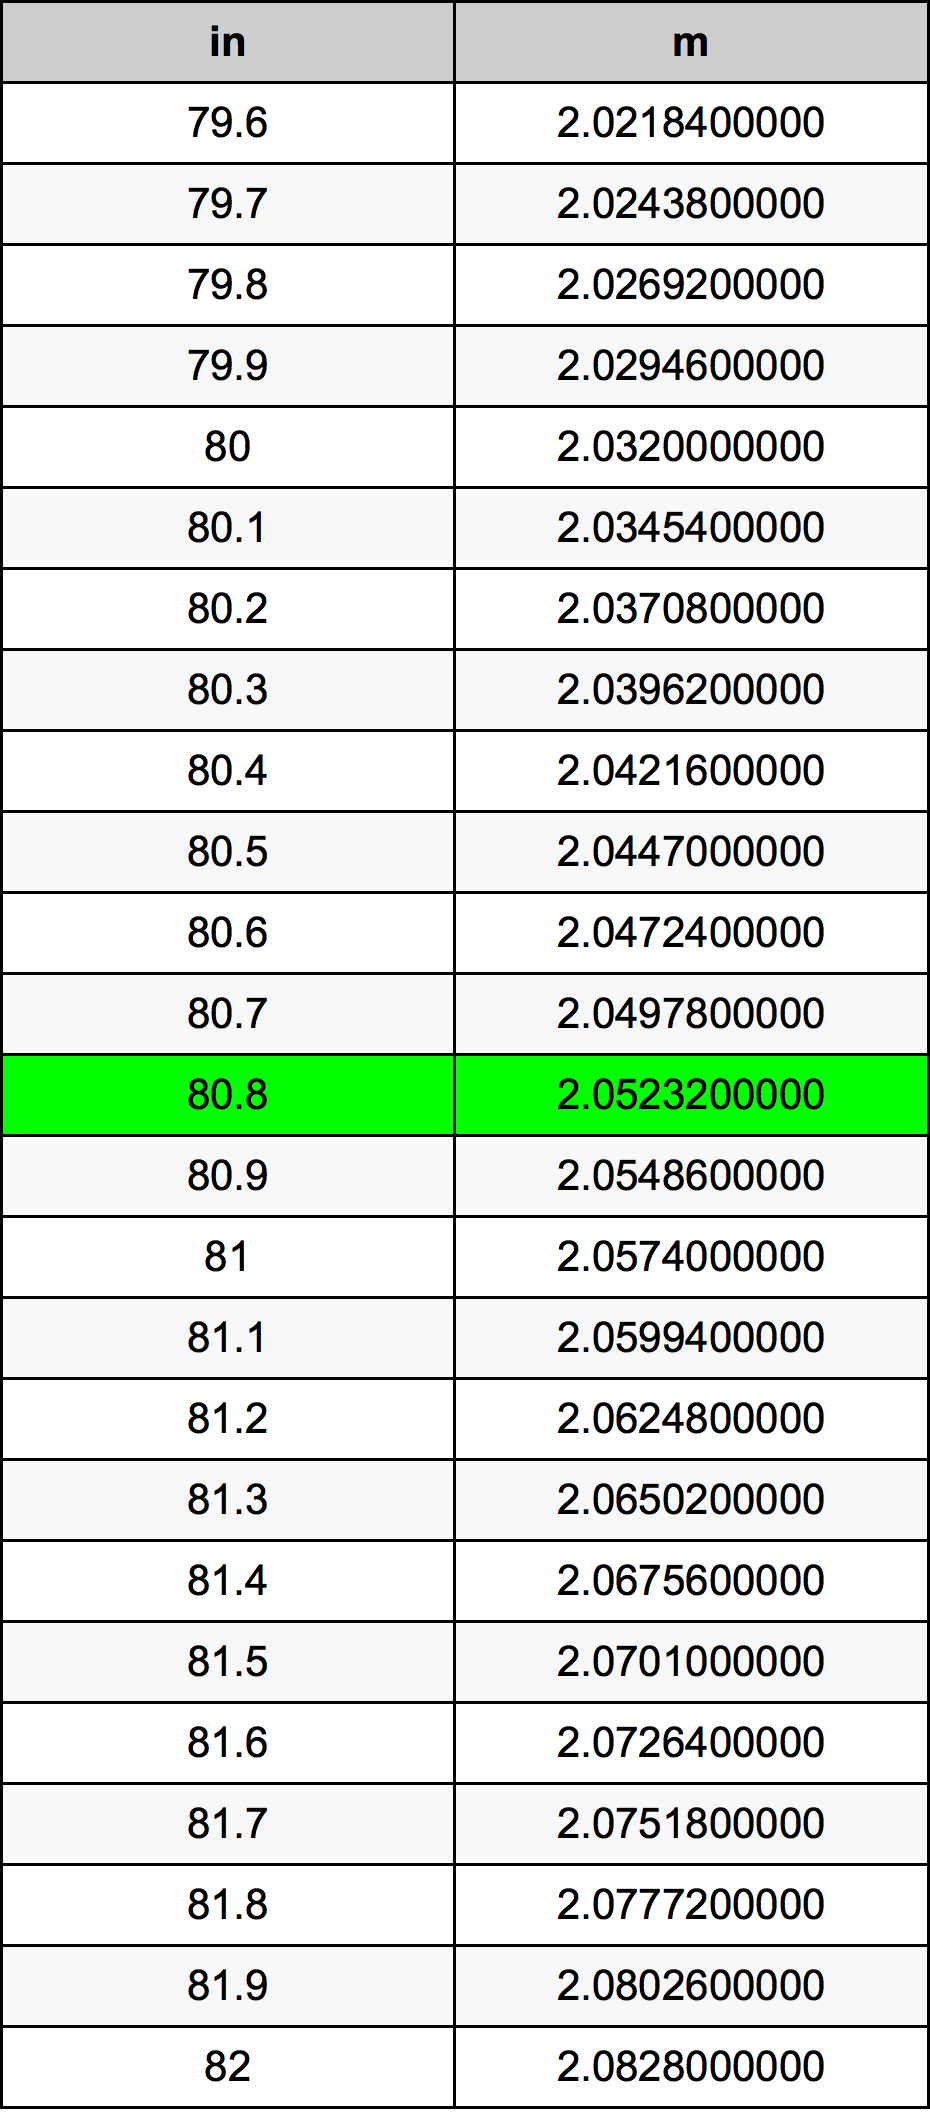 80.8 Țol tabelul de conversie